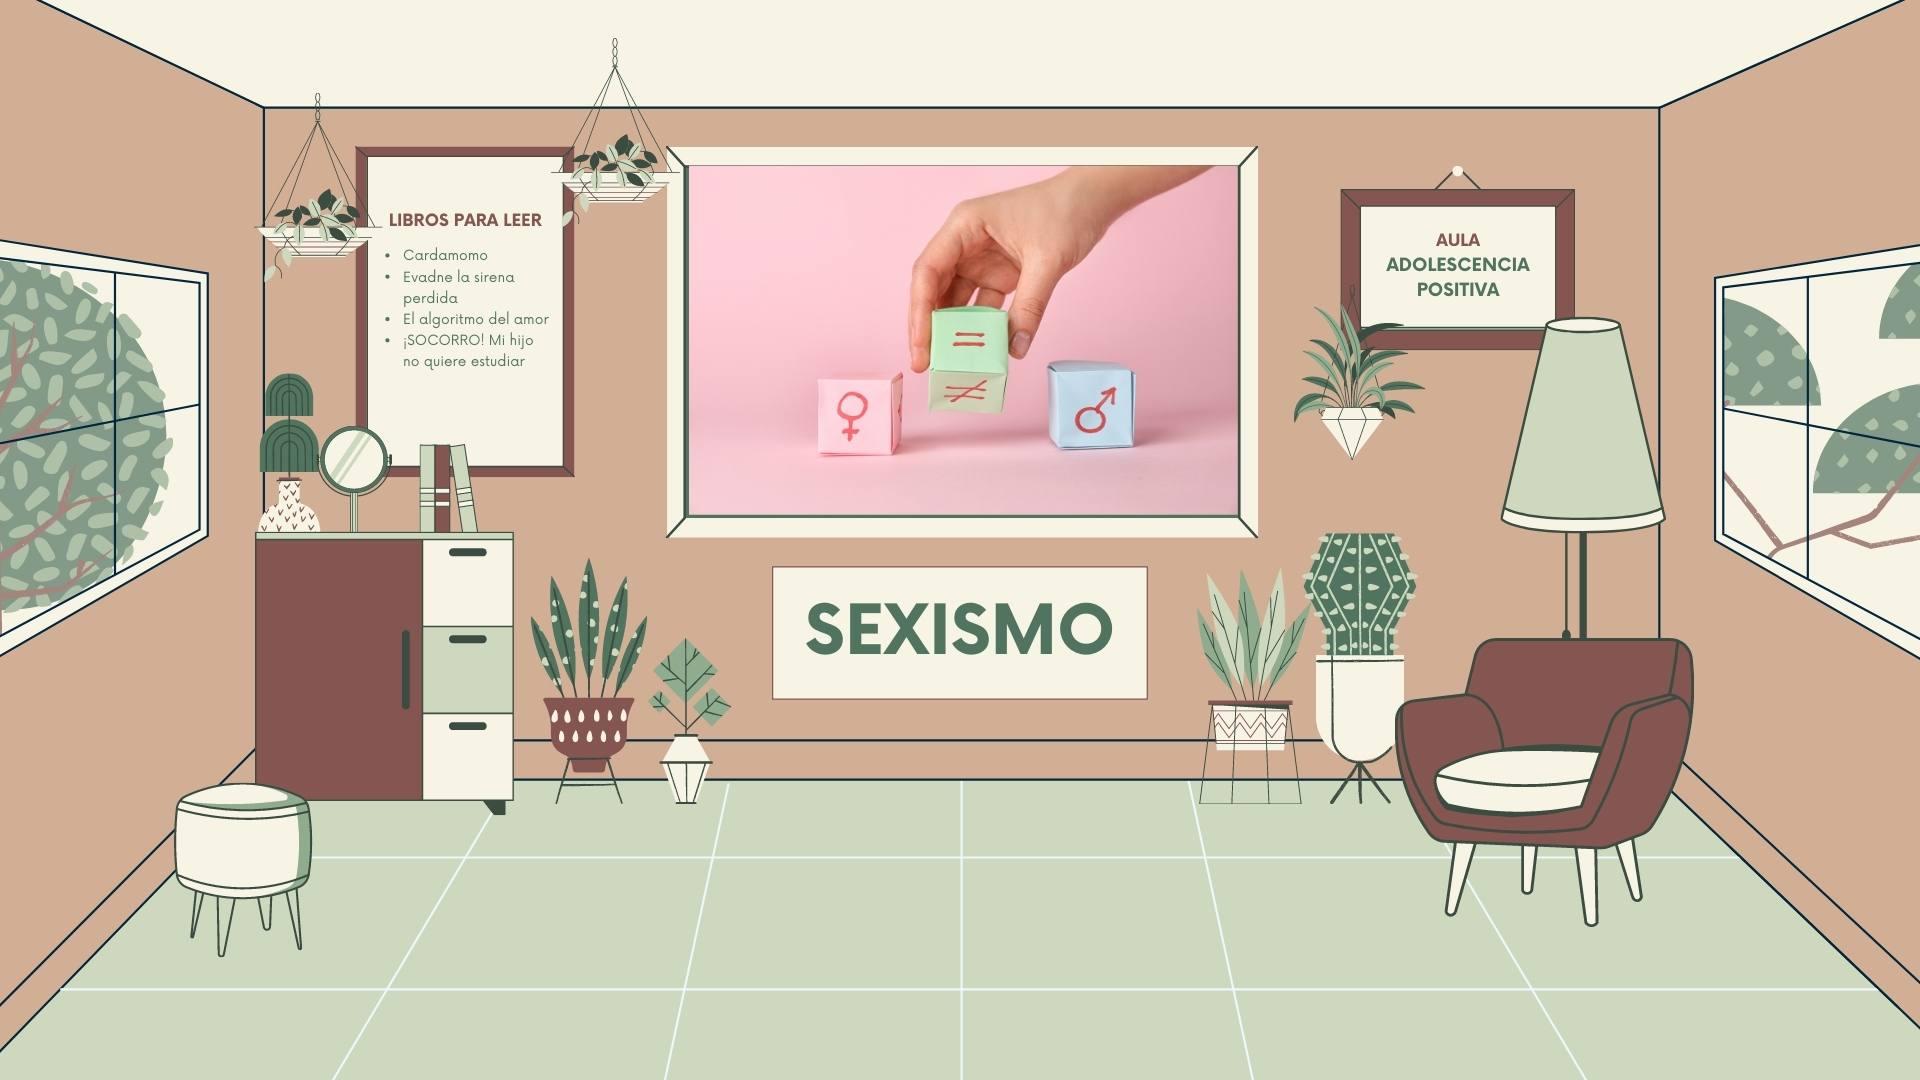 Sexismo en la adolescencia